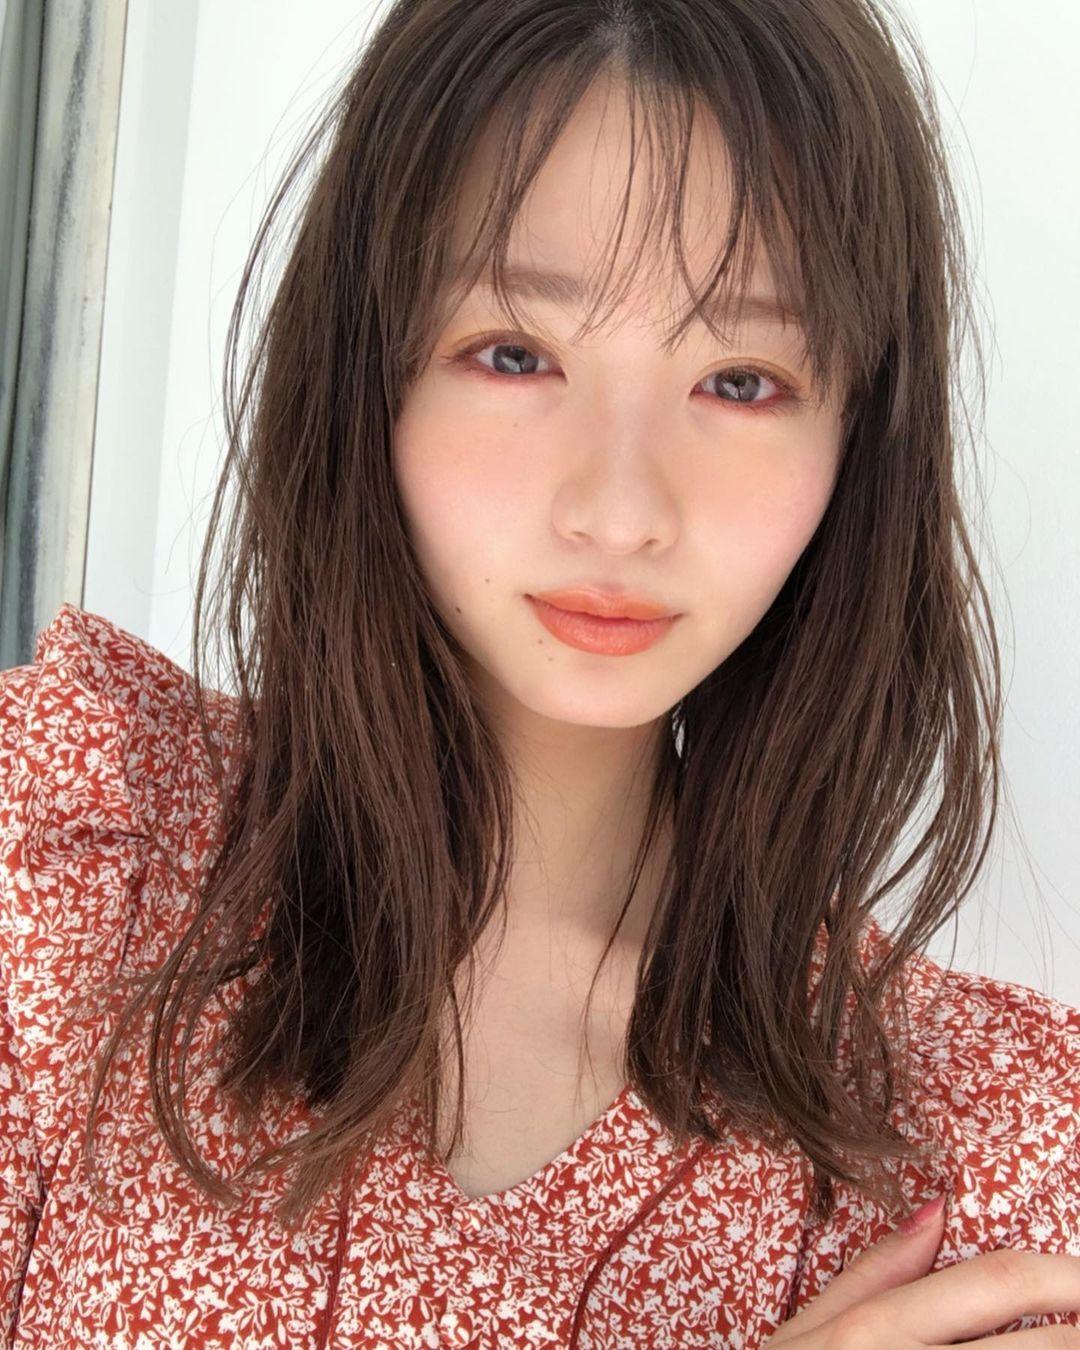 日系时尚杂志模特冈崎纱绘清甜笑容亲和力十足完全就是女友理想型 网络美女 第8张